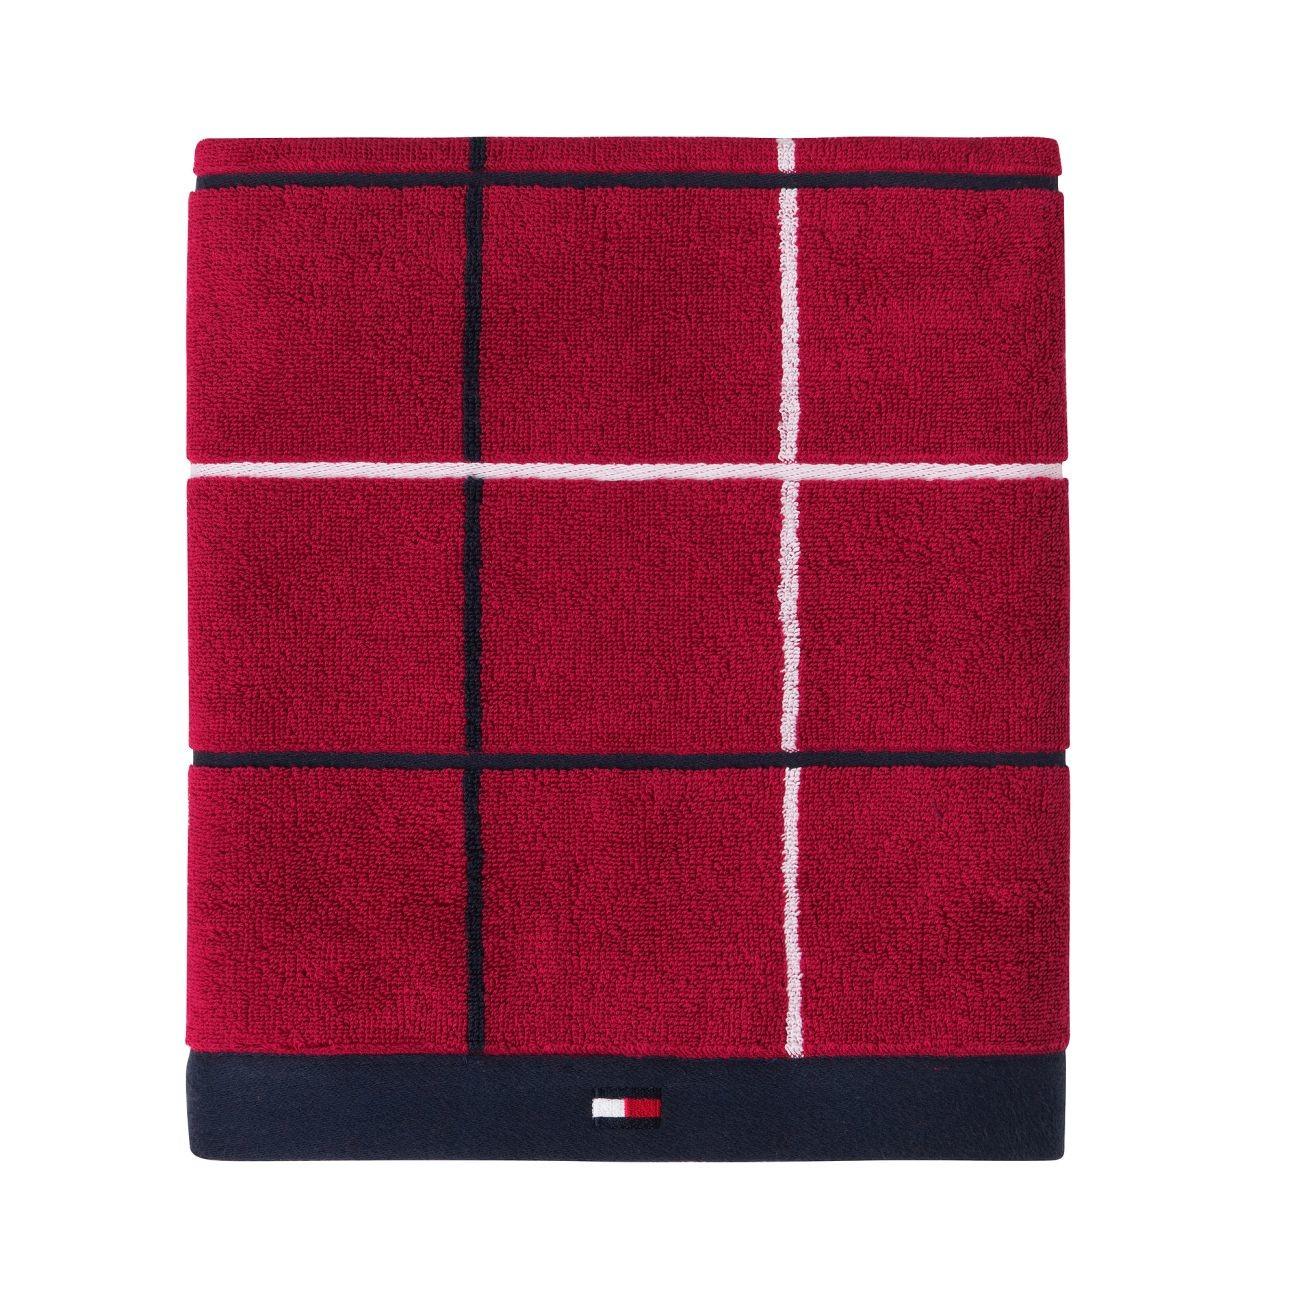 tommy hilfiger alexander handtuch online kaufen bei woonio. Black Bedroom Furniture Sets. Home Design Ideas